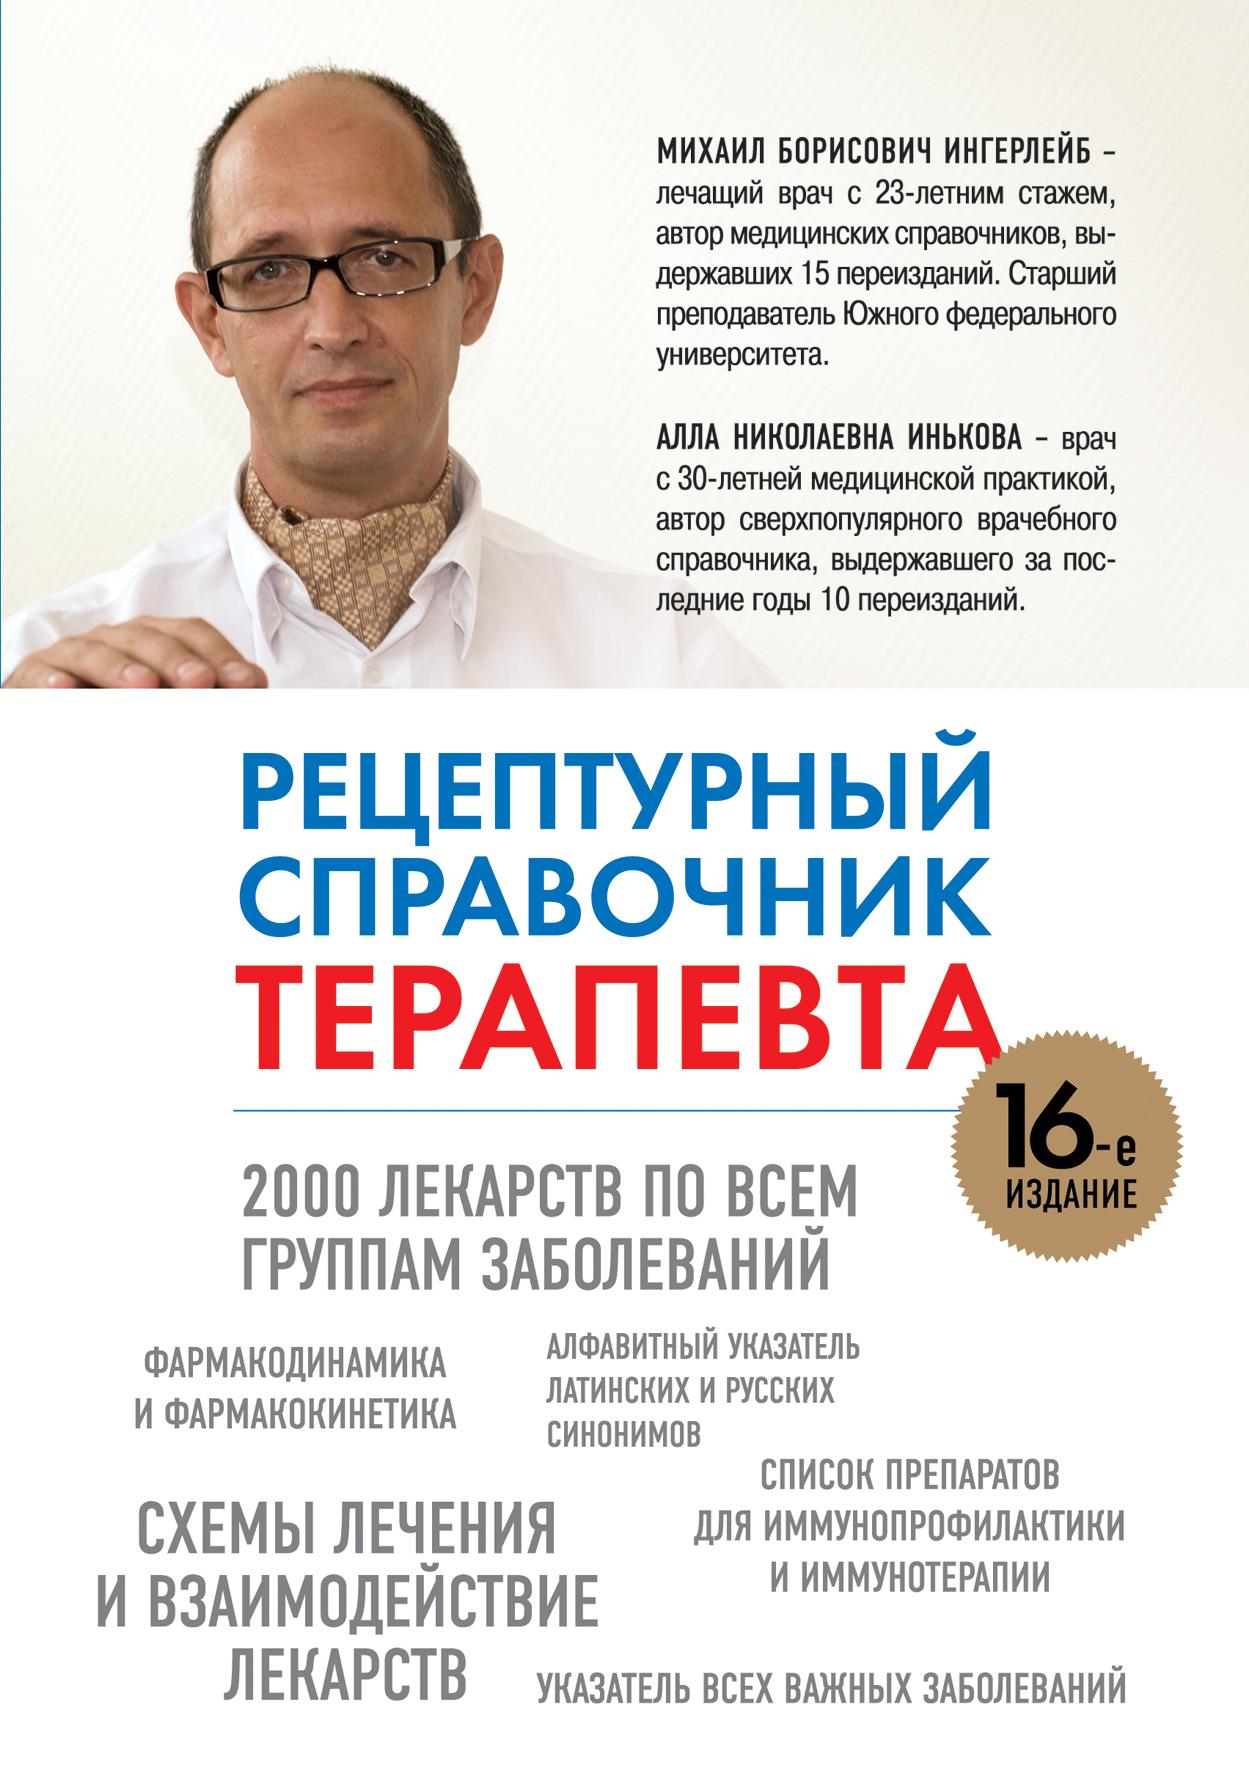 Рецептурный справочник терапевта, 16-ое издание